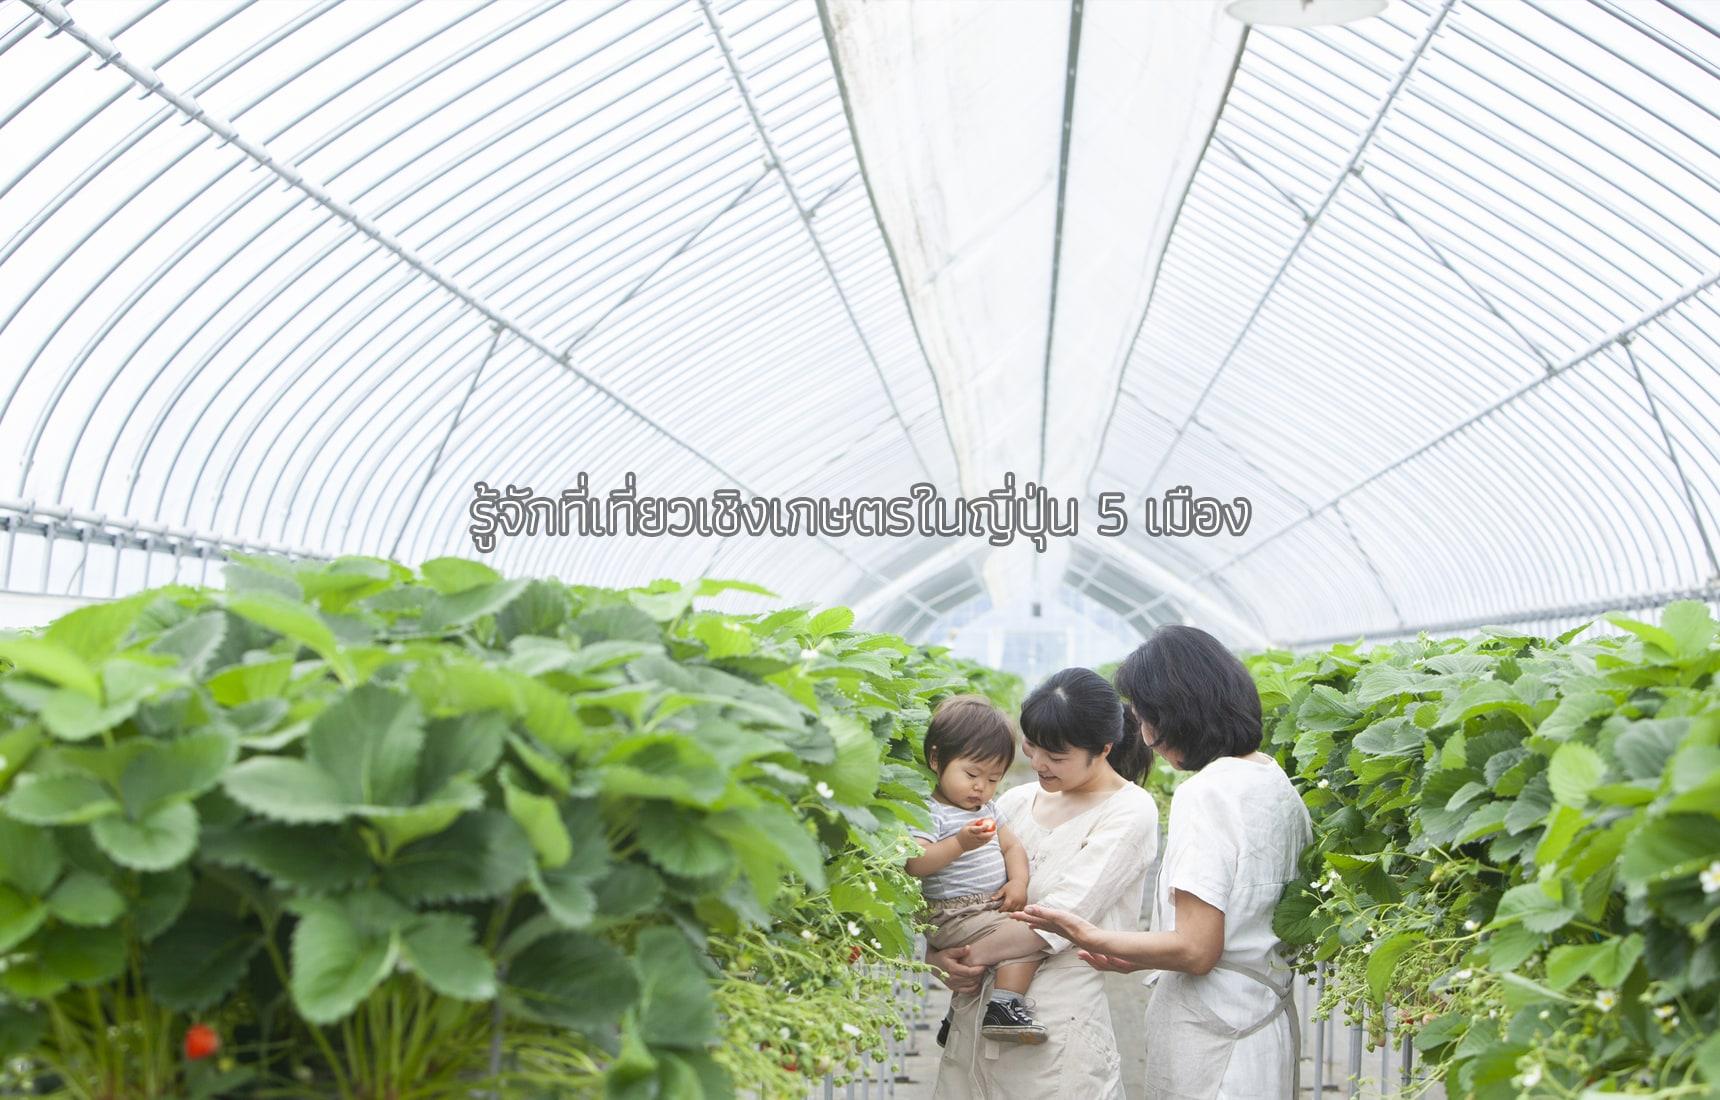 รู้จักที่เที่ยวเชิงเกษตรในญี่ปุ่น 5 เมือง